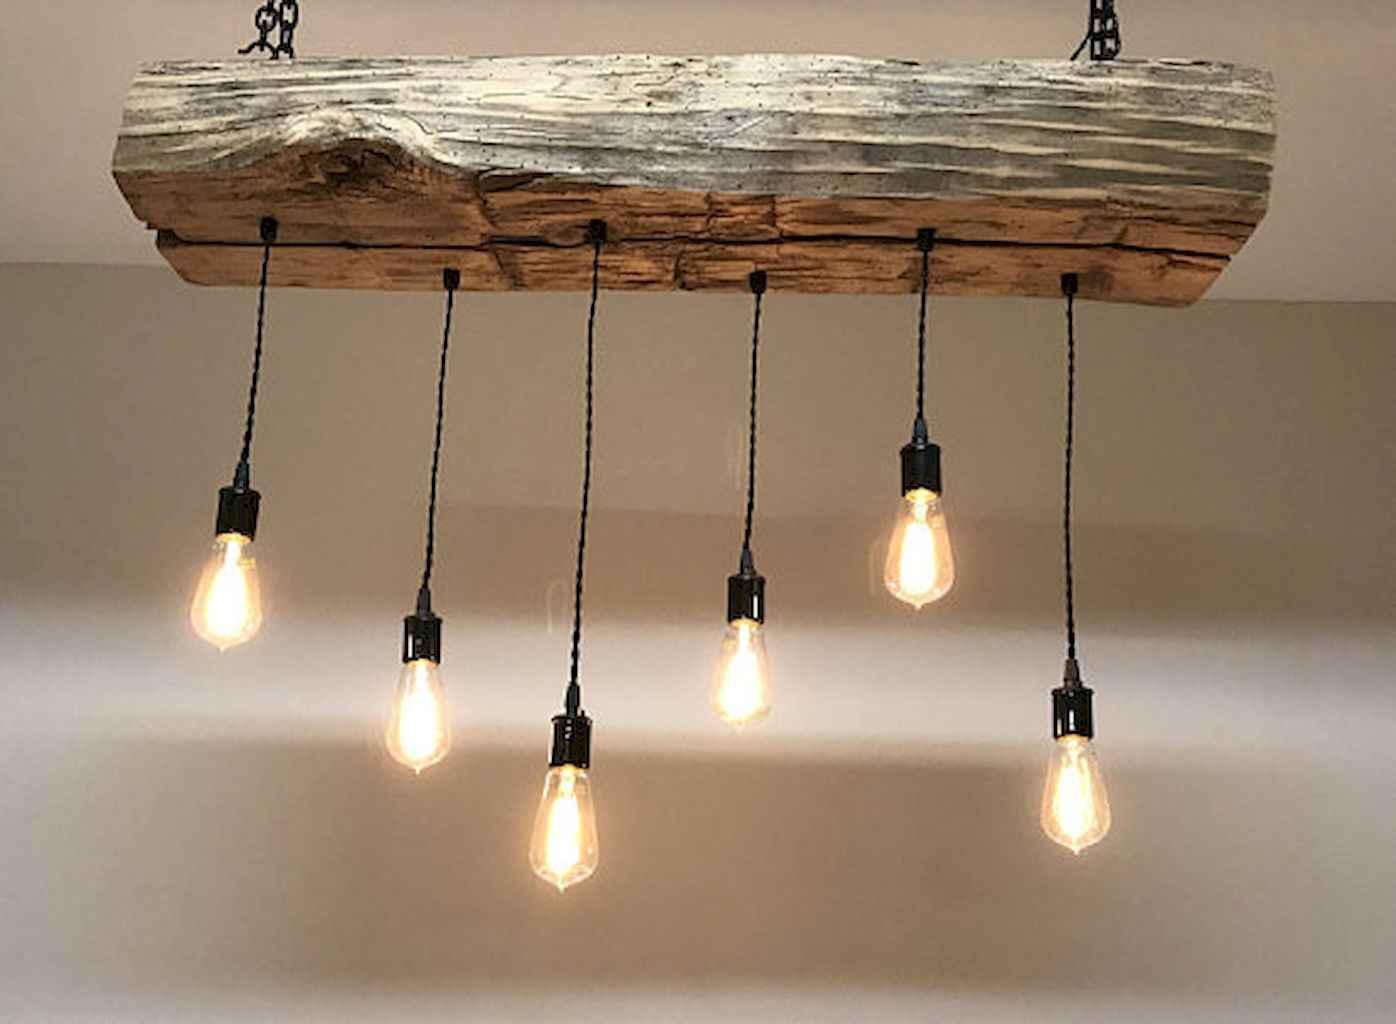 100 Rustic Farmhouse Lighting Ideas On A Budget (78) & 100 Rustic Farmhouse Lighting Ideas On A Budget - LivingMarch.com azcodes.com